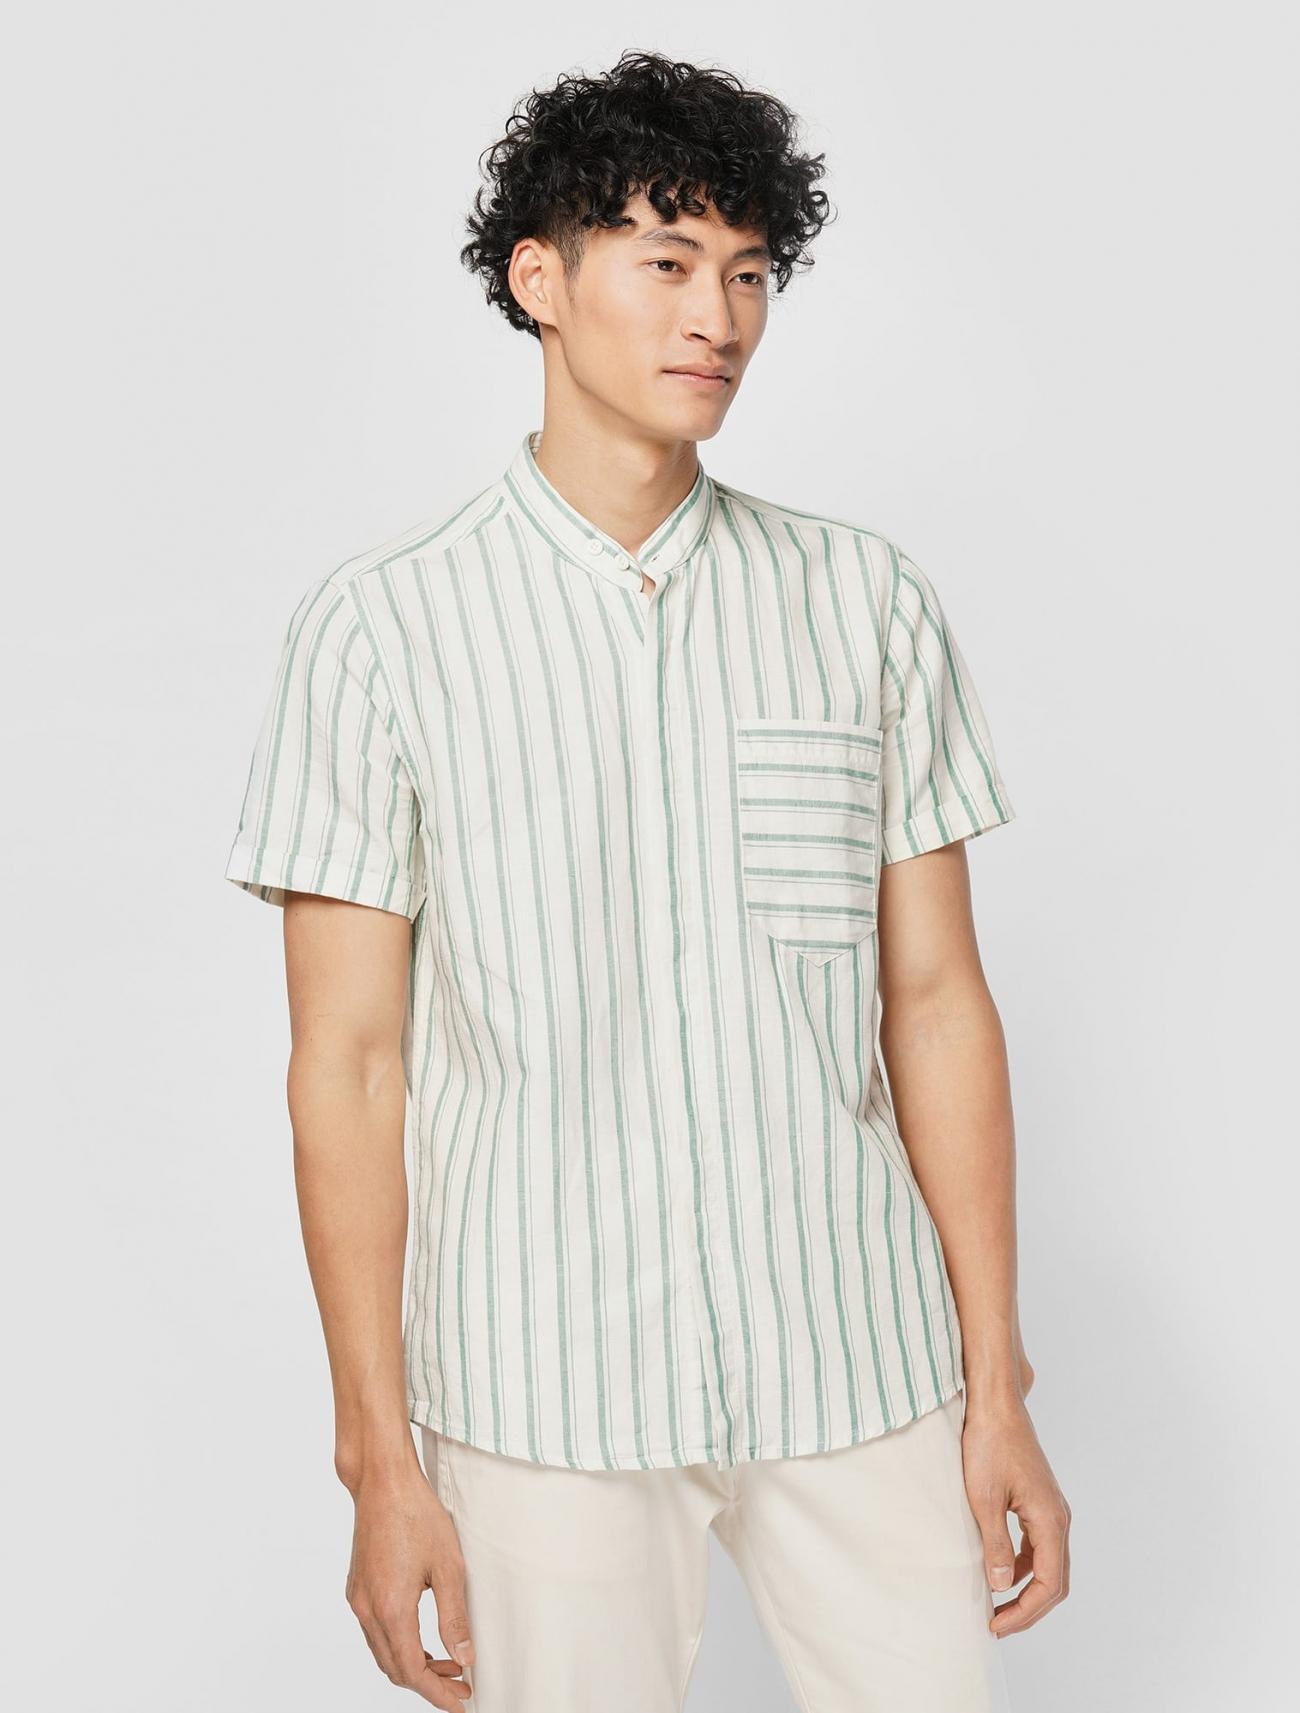 Top shop bán áo sơ mi cho nam đẹp trên phố Đặng Văn Ngữ - Hà Nội